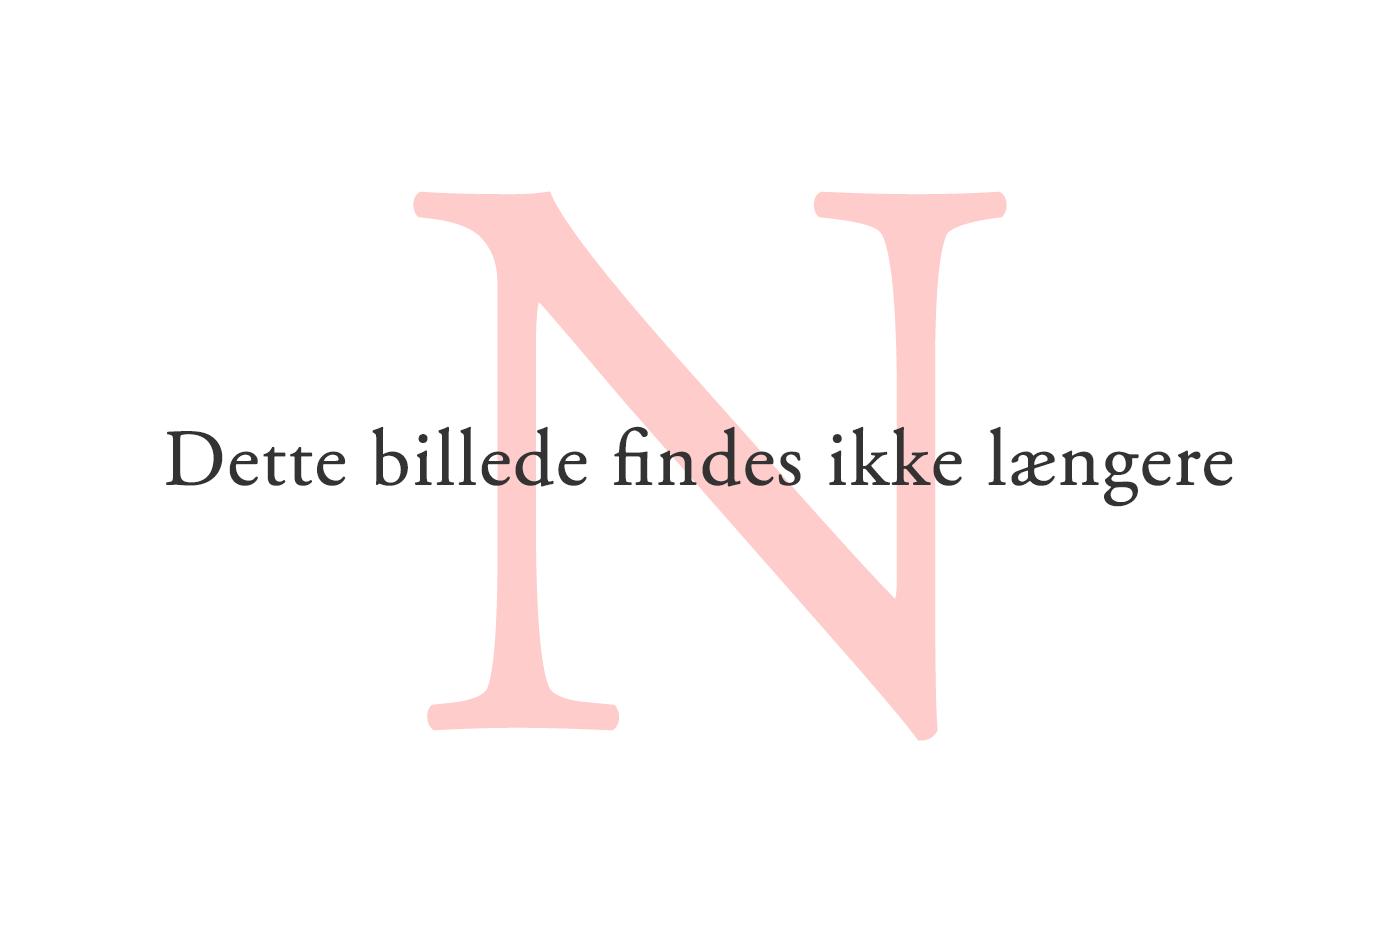 Kilde: Københavns Kommune